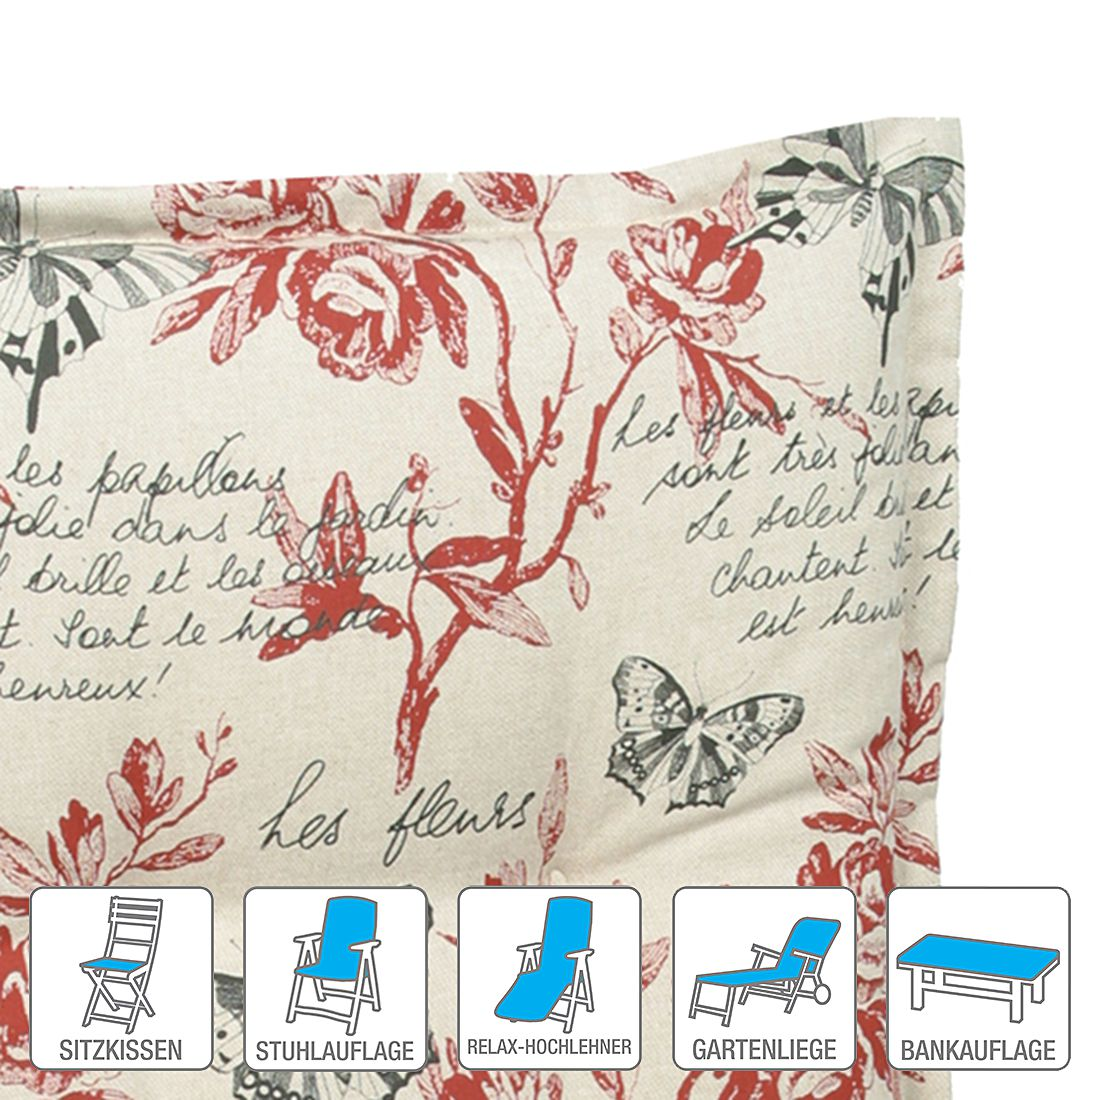 Polsterauflage Ilmensee – Floral gemustert – Niederlehner (2er-Set): 52 x 102 cm, Go-De kaufen